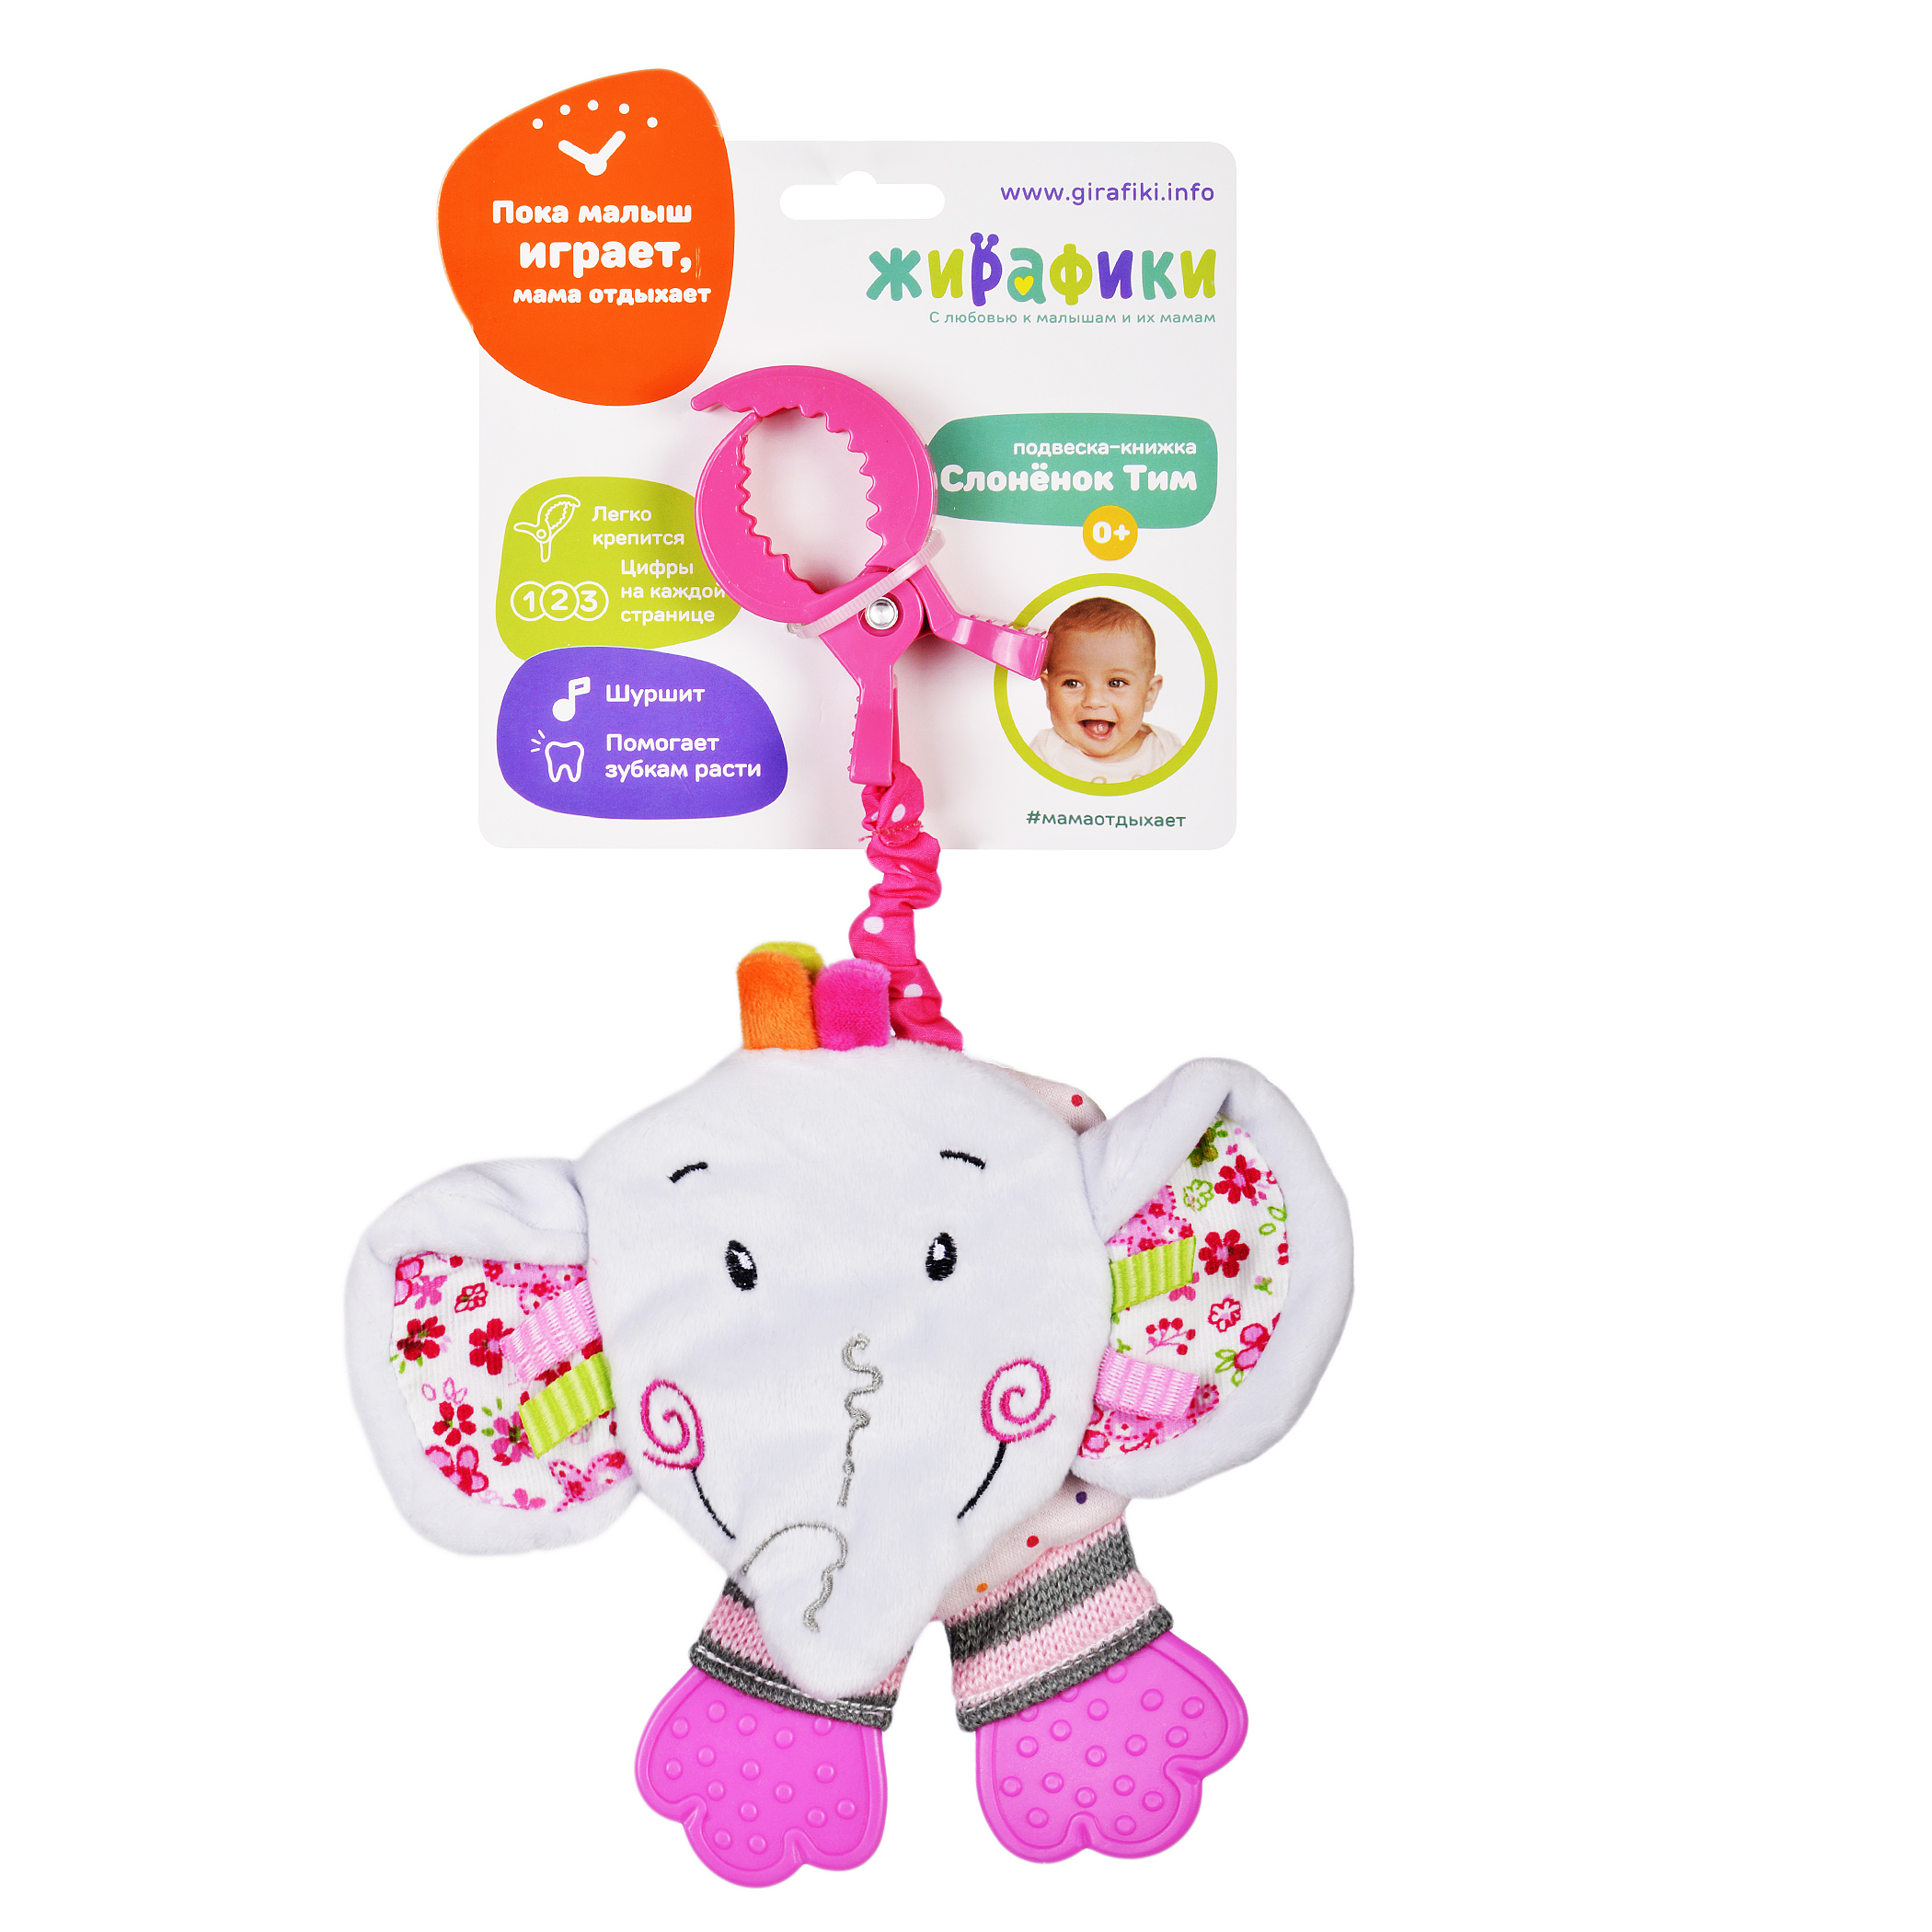 Фото - Подвесные игрушки и дуги Жирафики Слонёнок Тим подвесные игрушки playgro верблюд